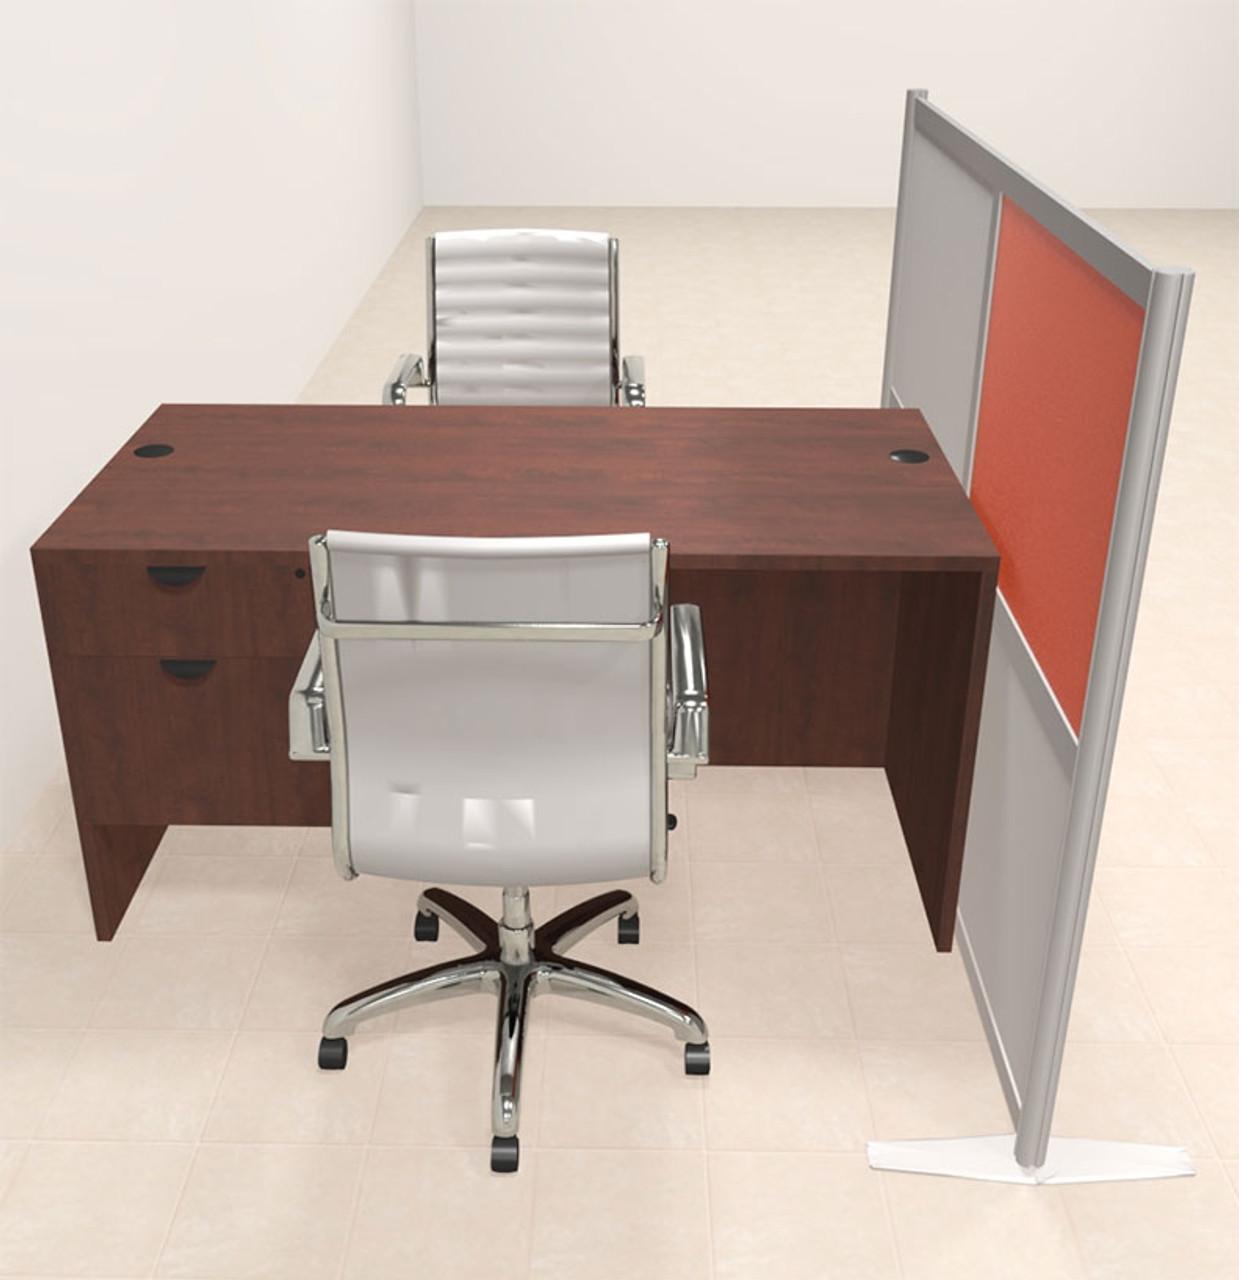 One Person Workstation w/Acrylic Aluminum Privacy Panel, #OT-SUL-HPO122